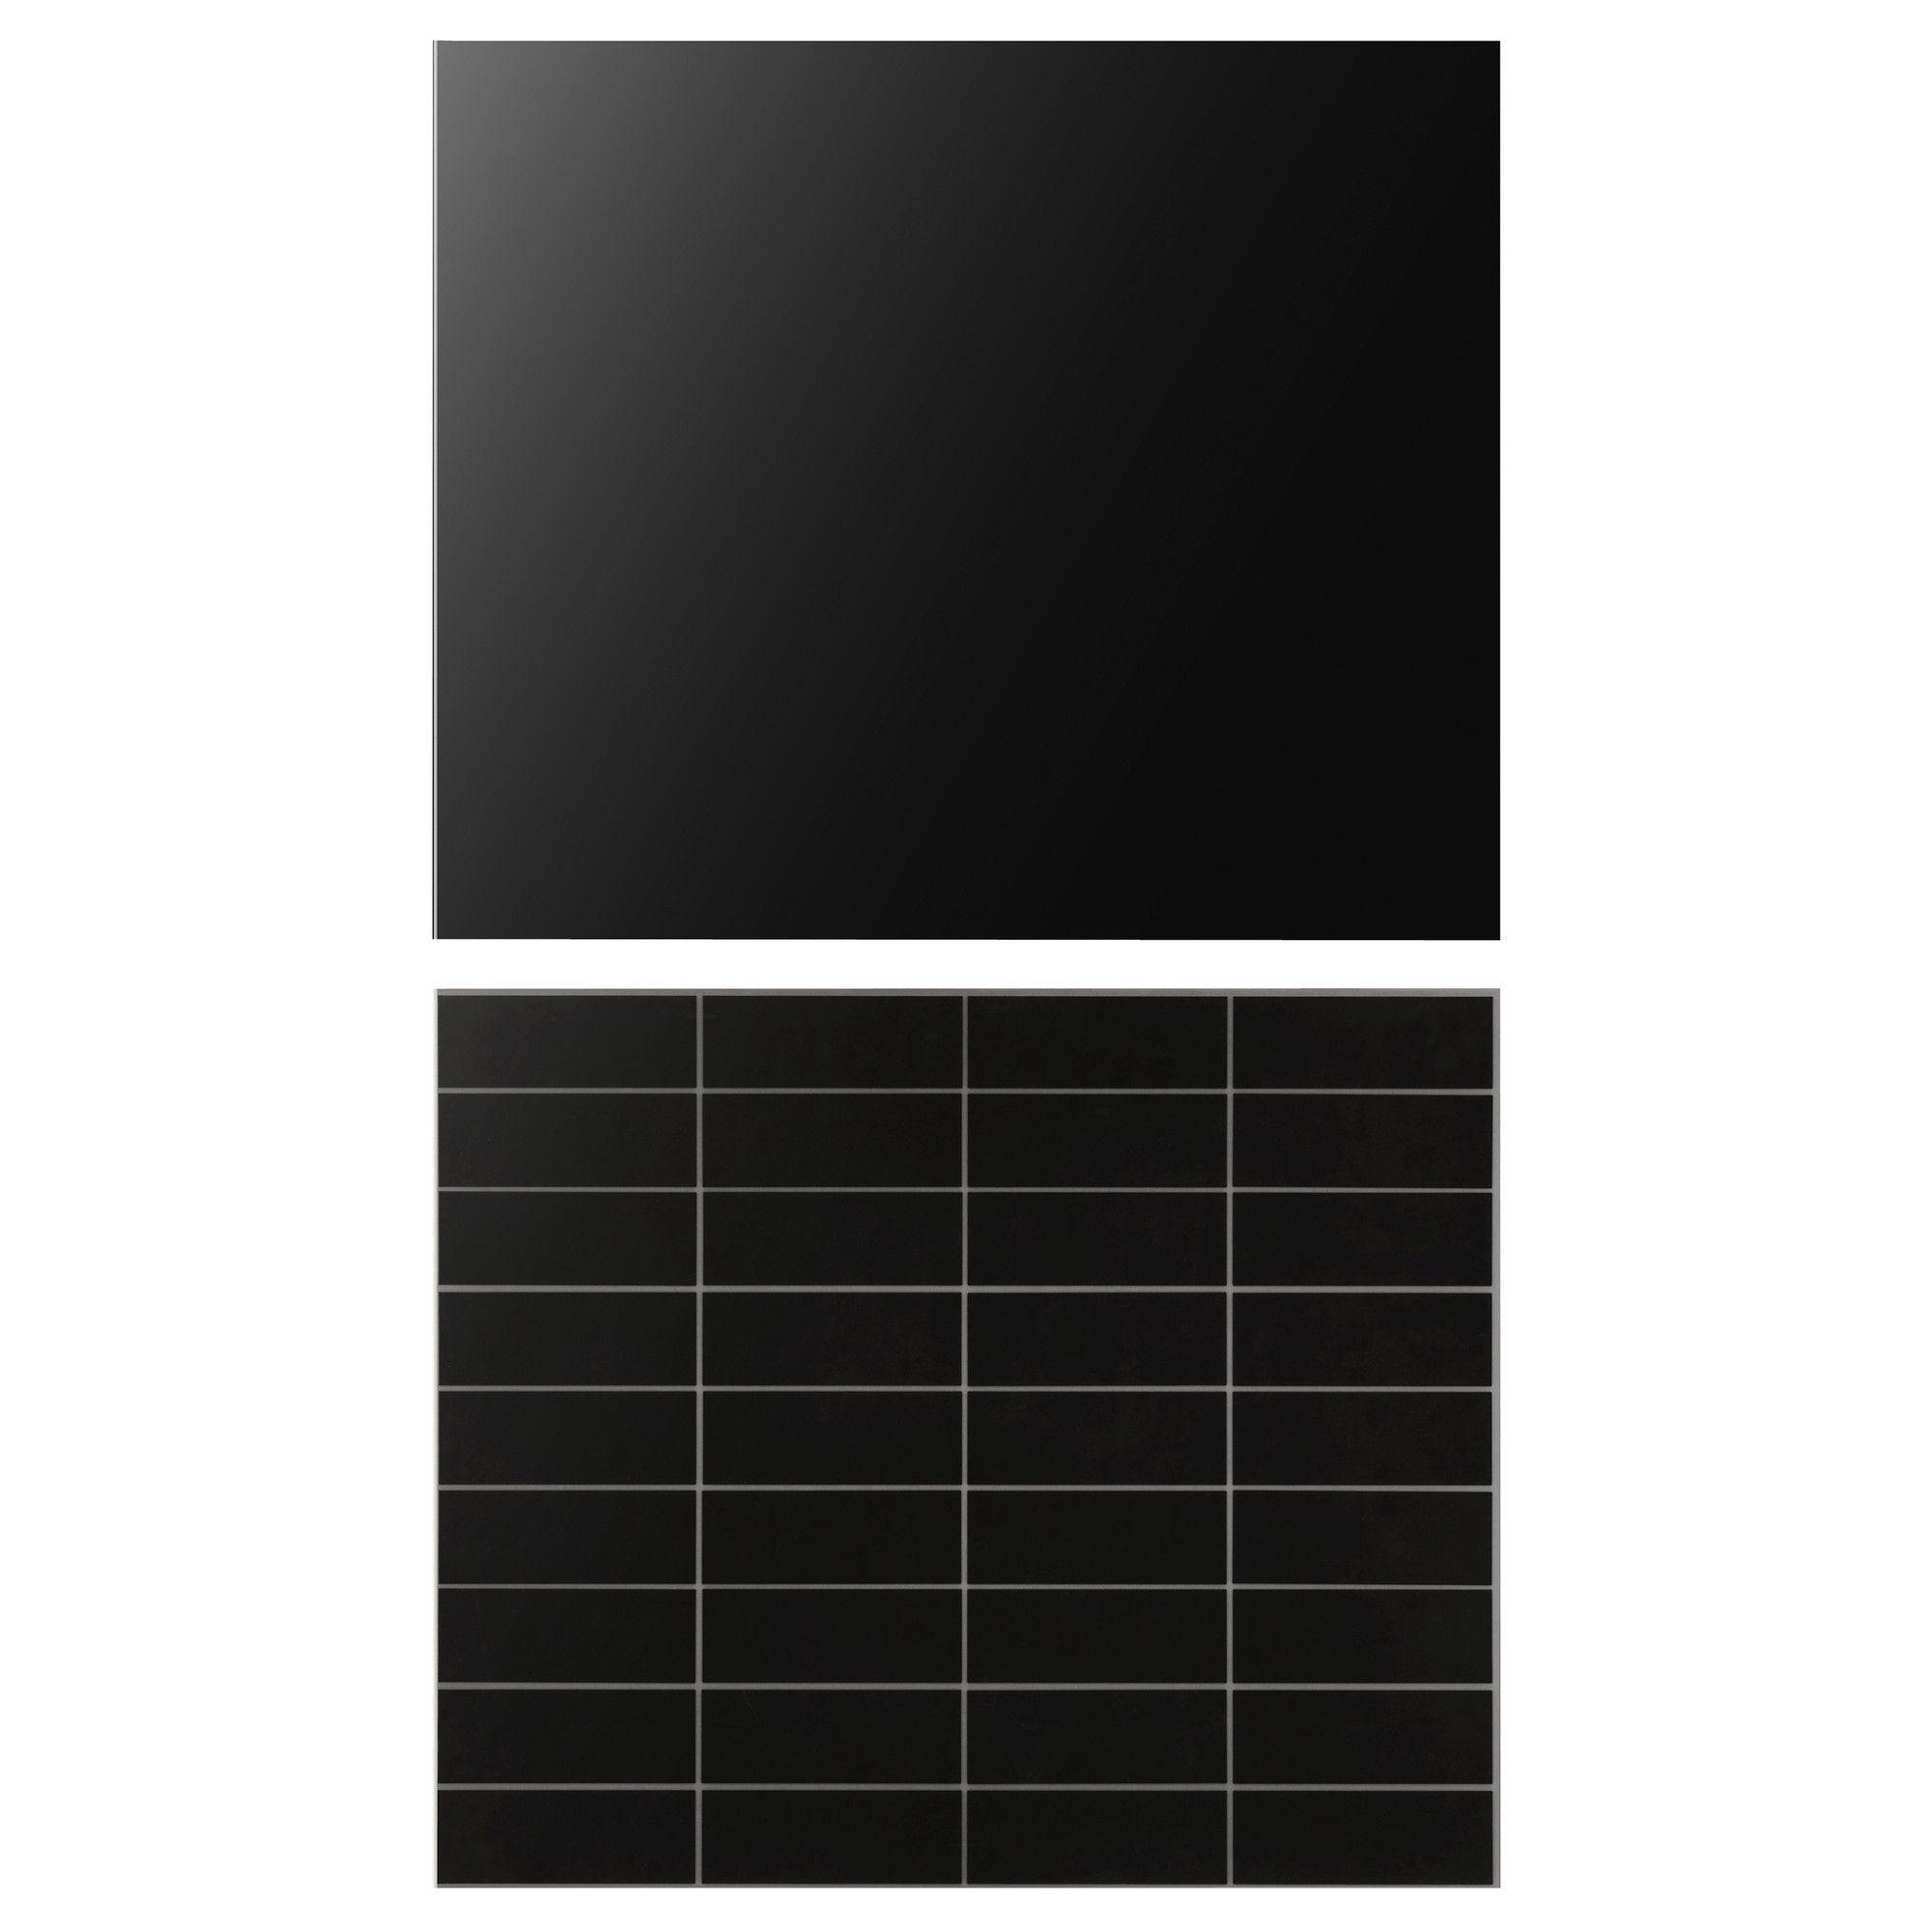 Ikea Us Furniture And Home Furnishings Kitchen Wall Panels Wall Paneling Kitchen Wall